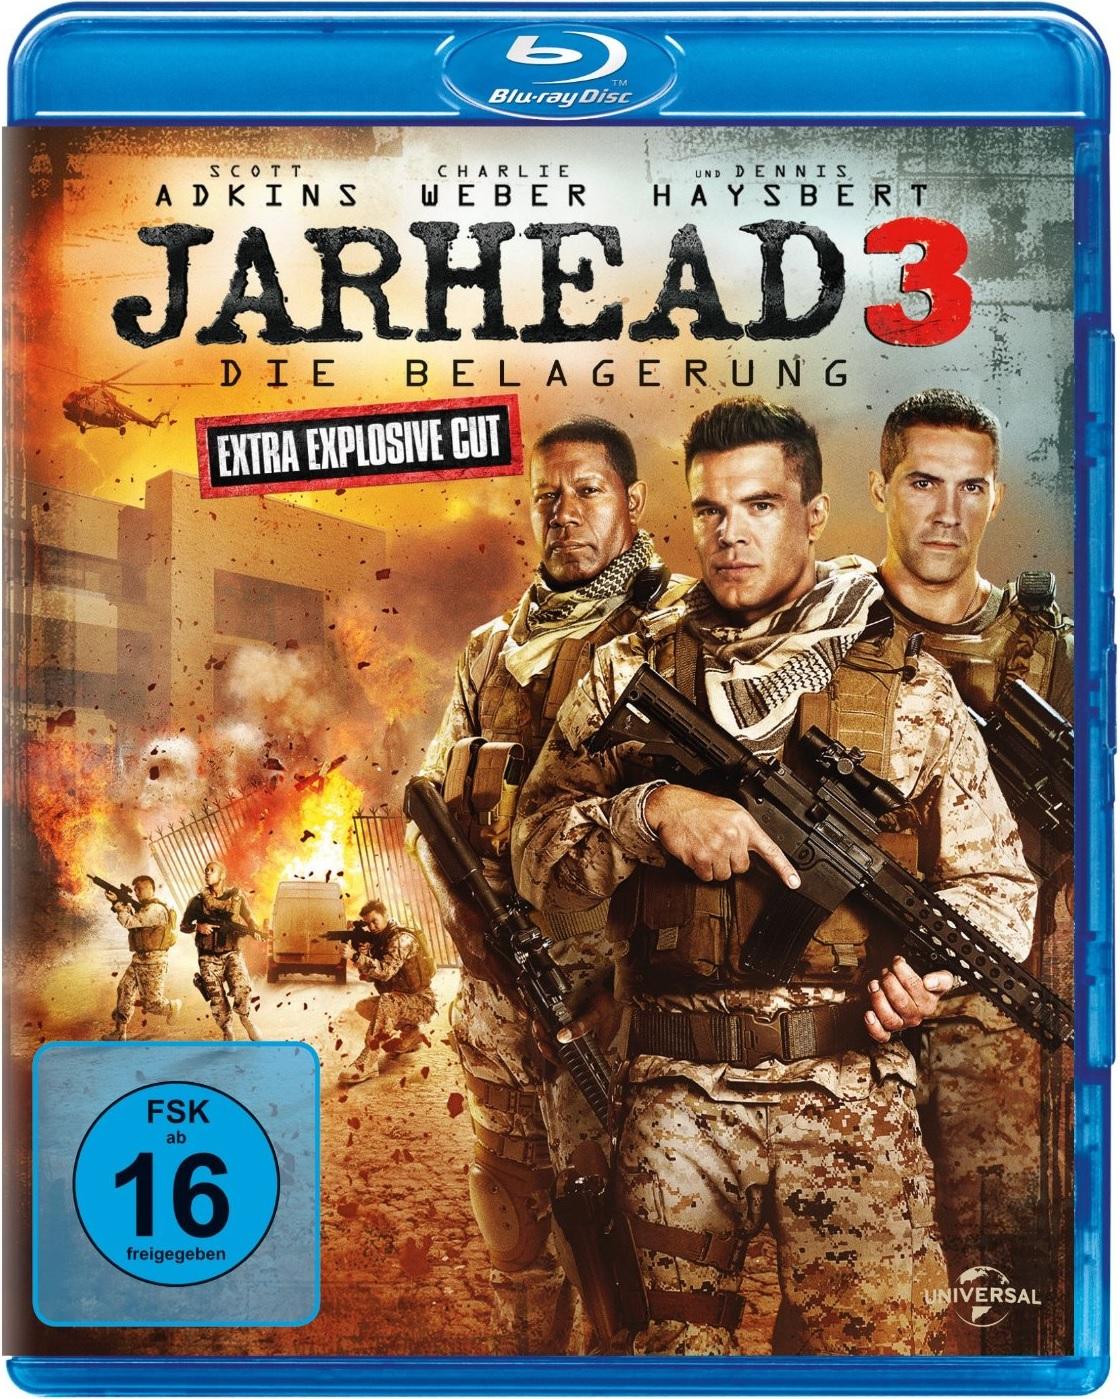 Jarhead 3 - Die Belagerung - Extra Explosive Cut